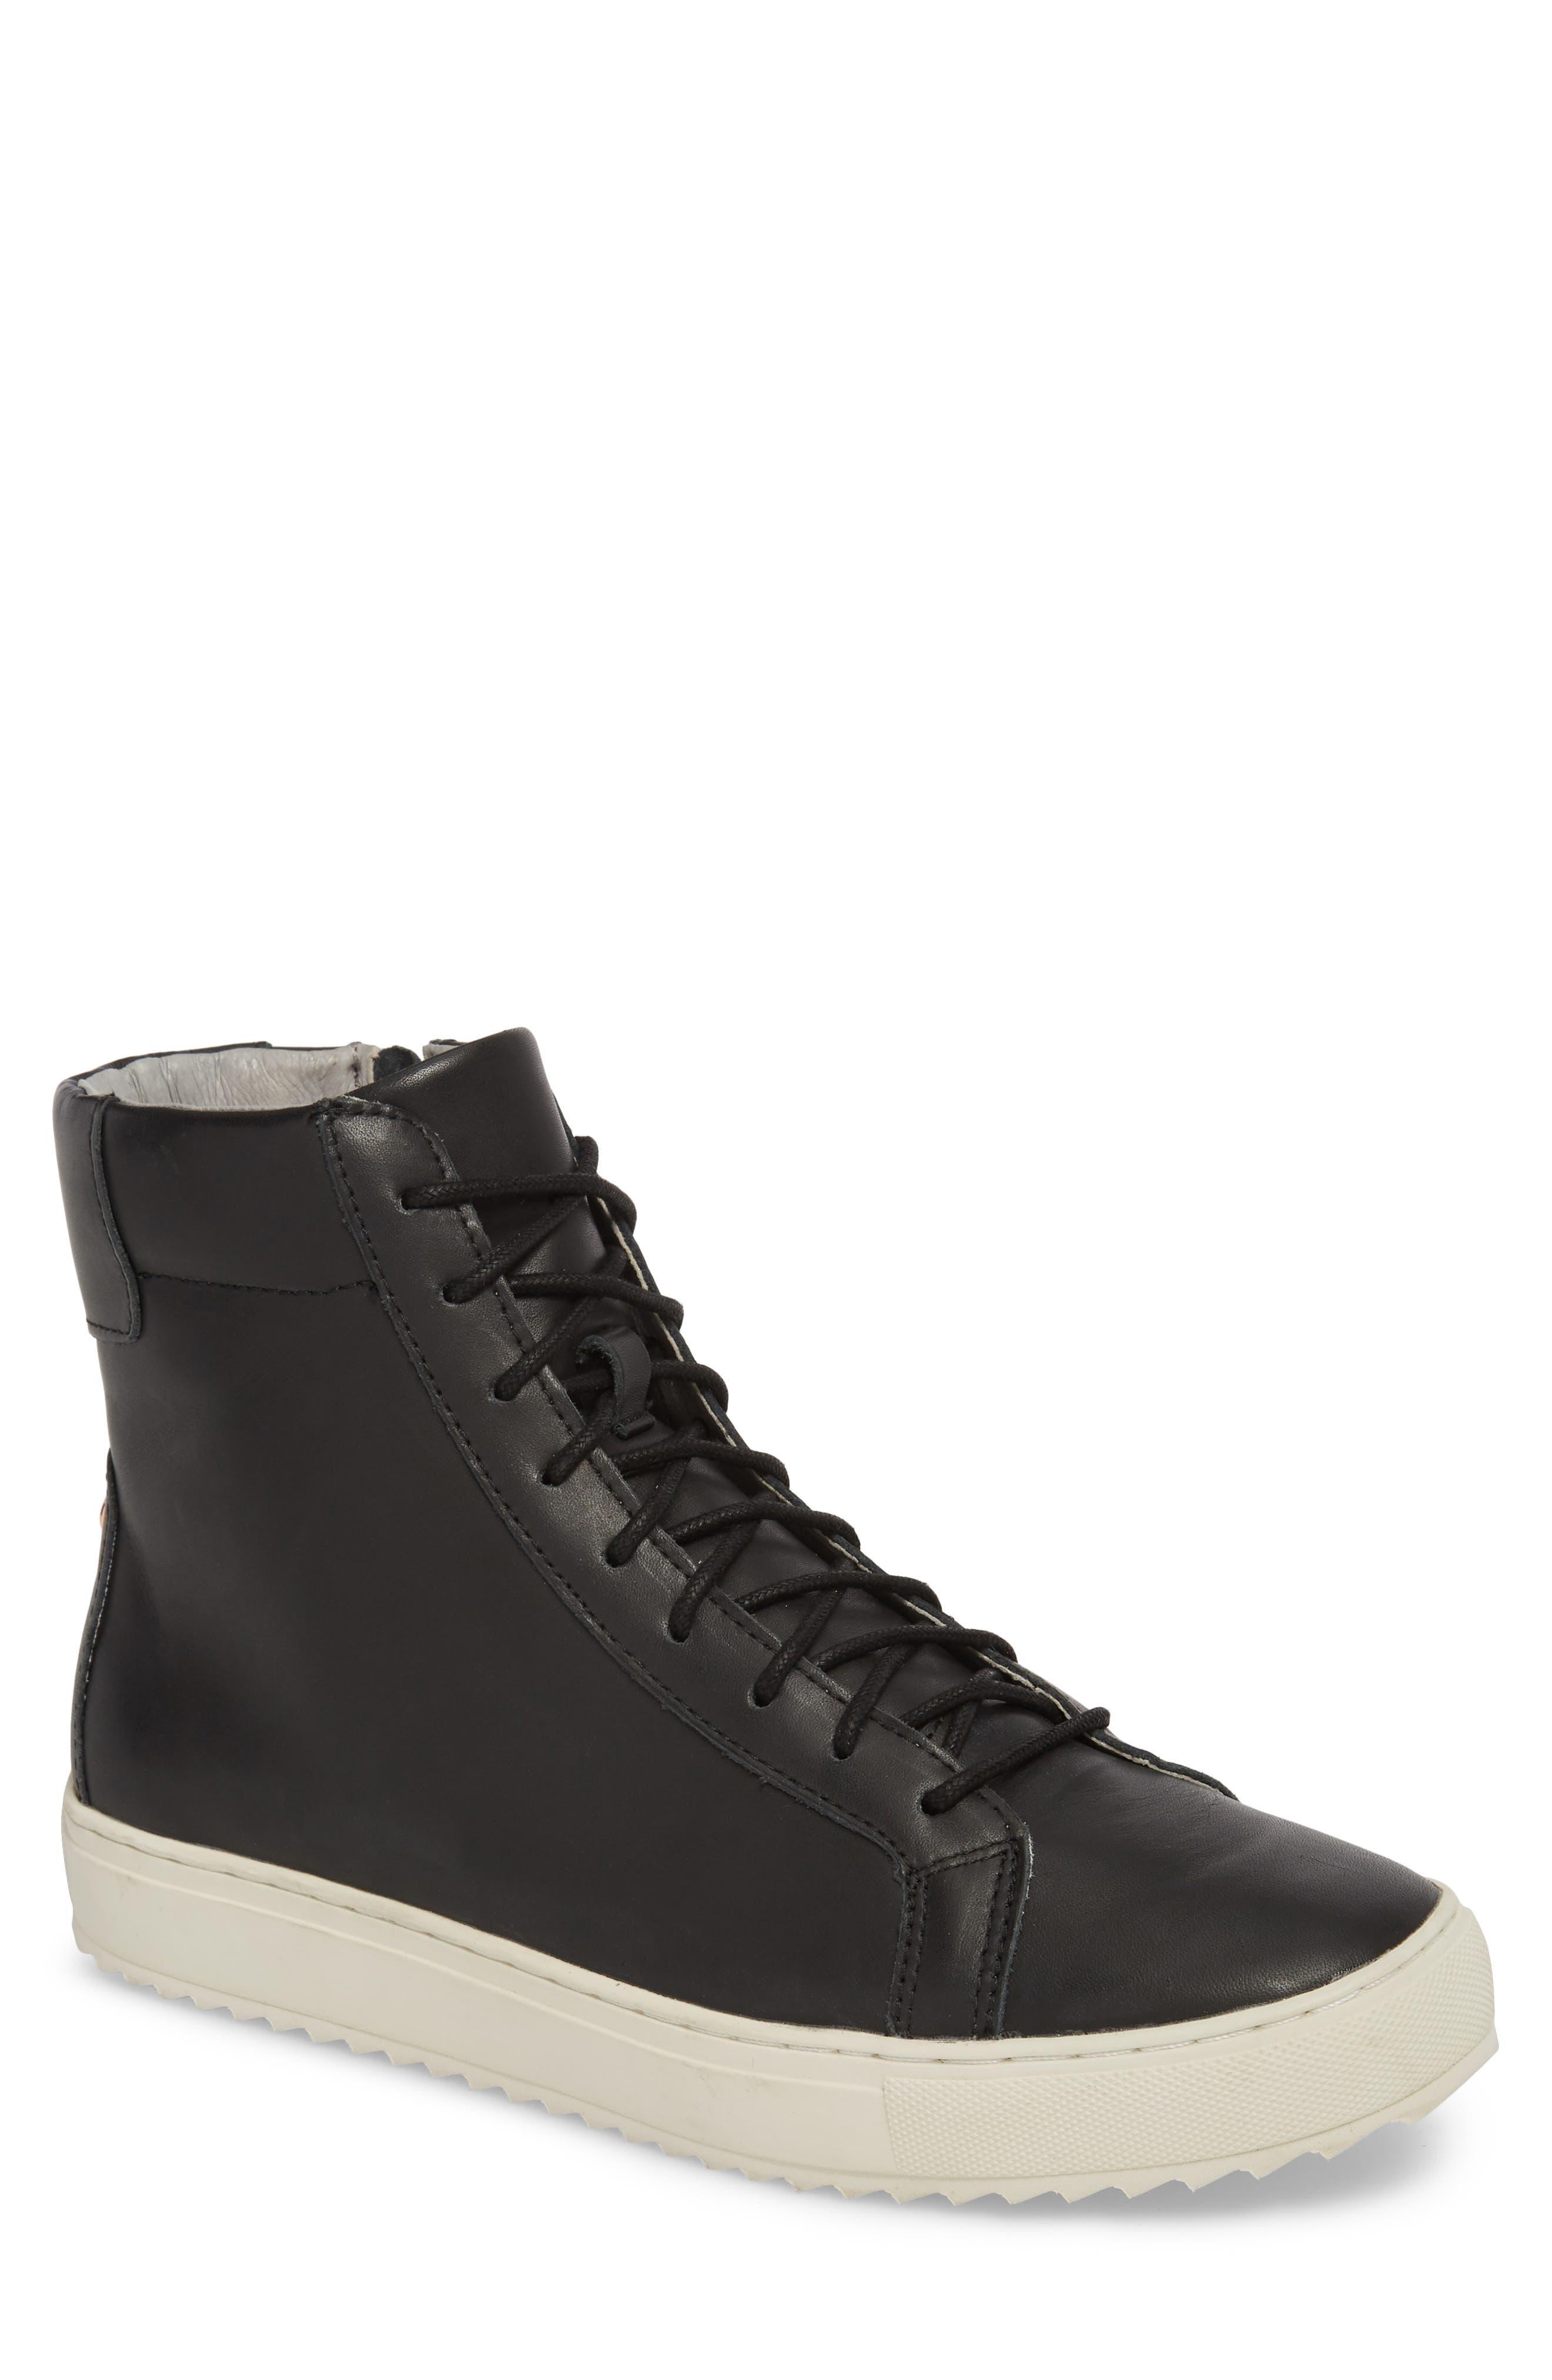 Logan Water Resistant High Top Sneaker,                             Main thumbnail 1, color,